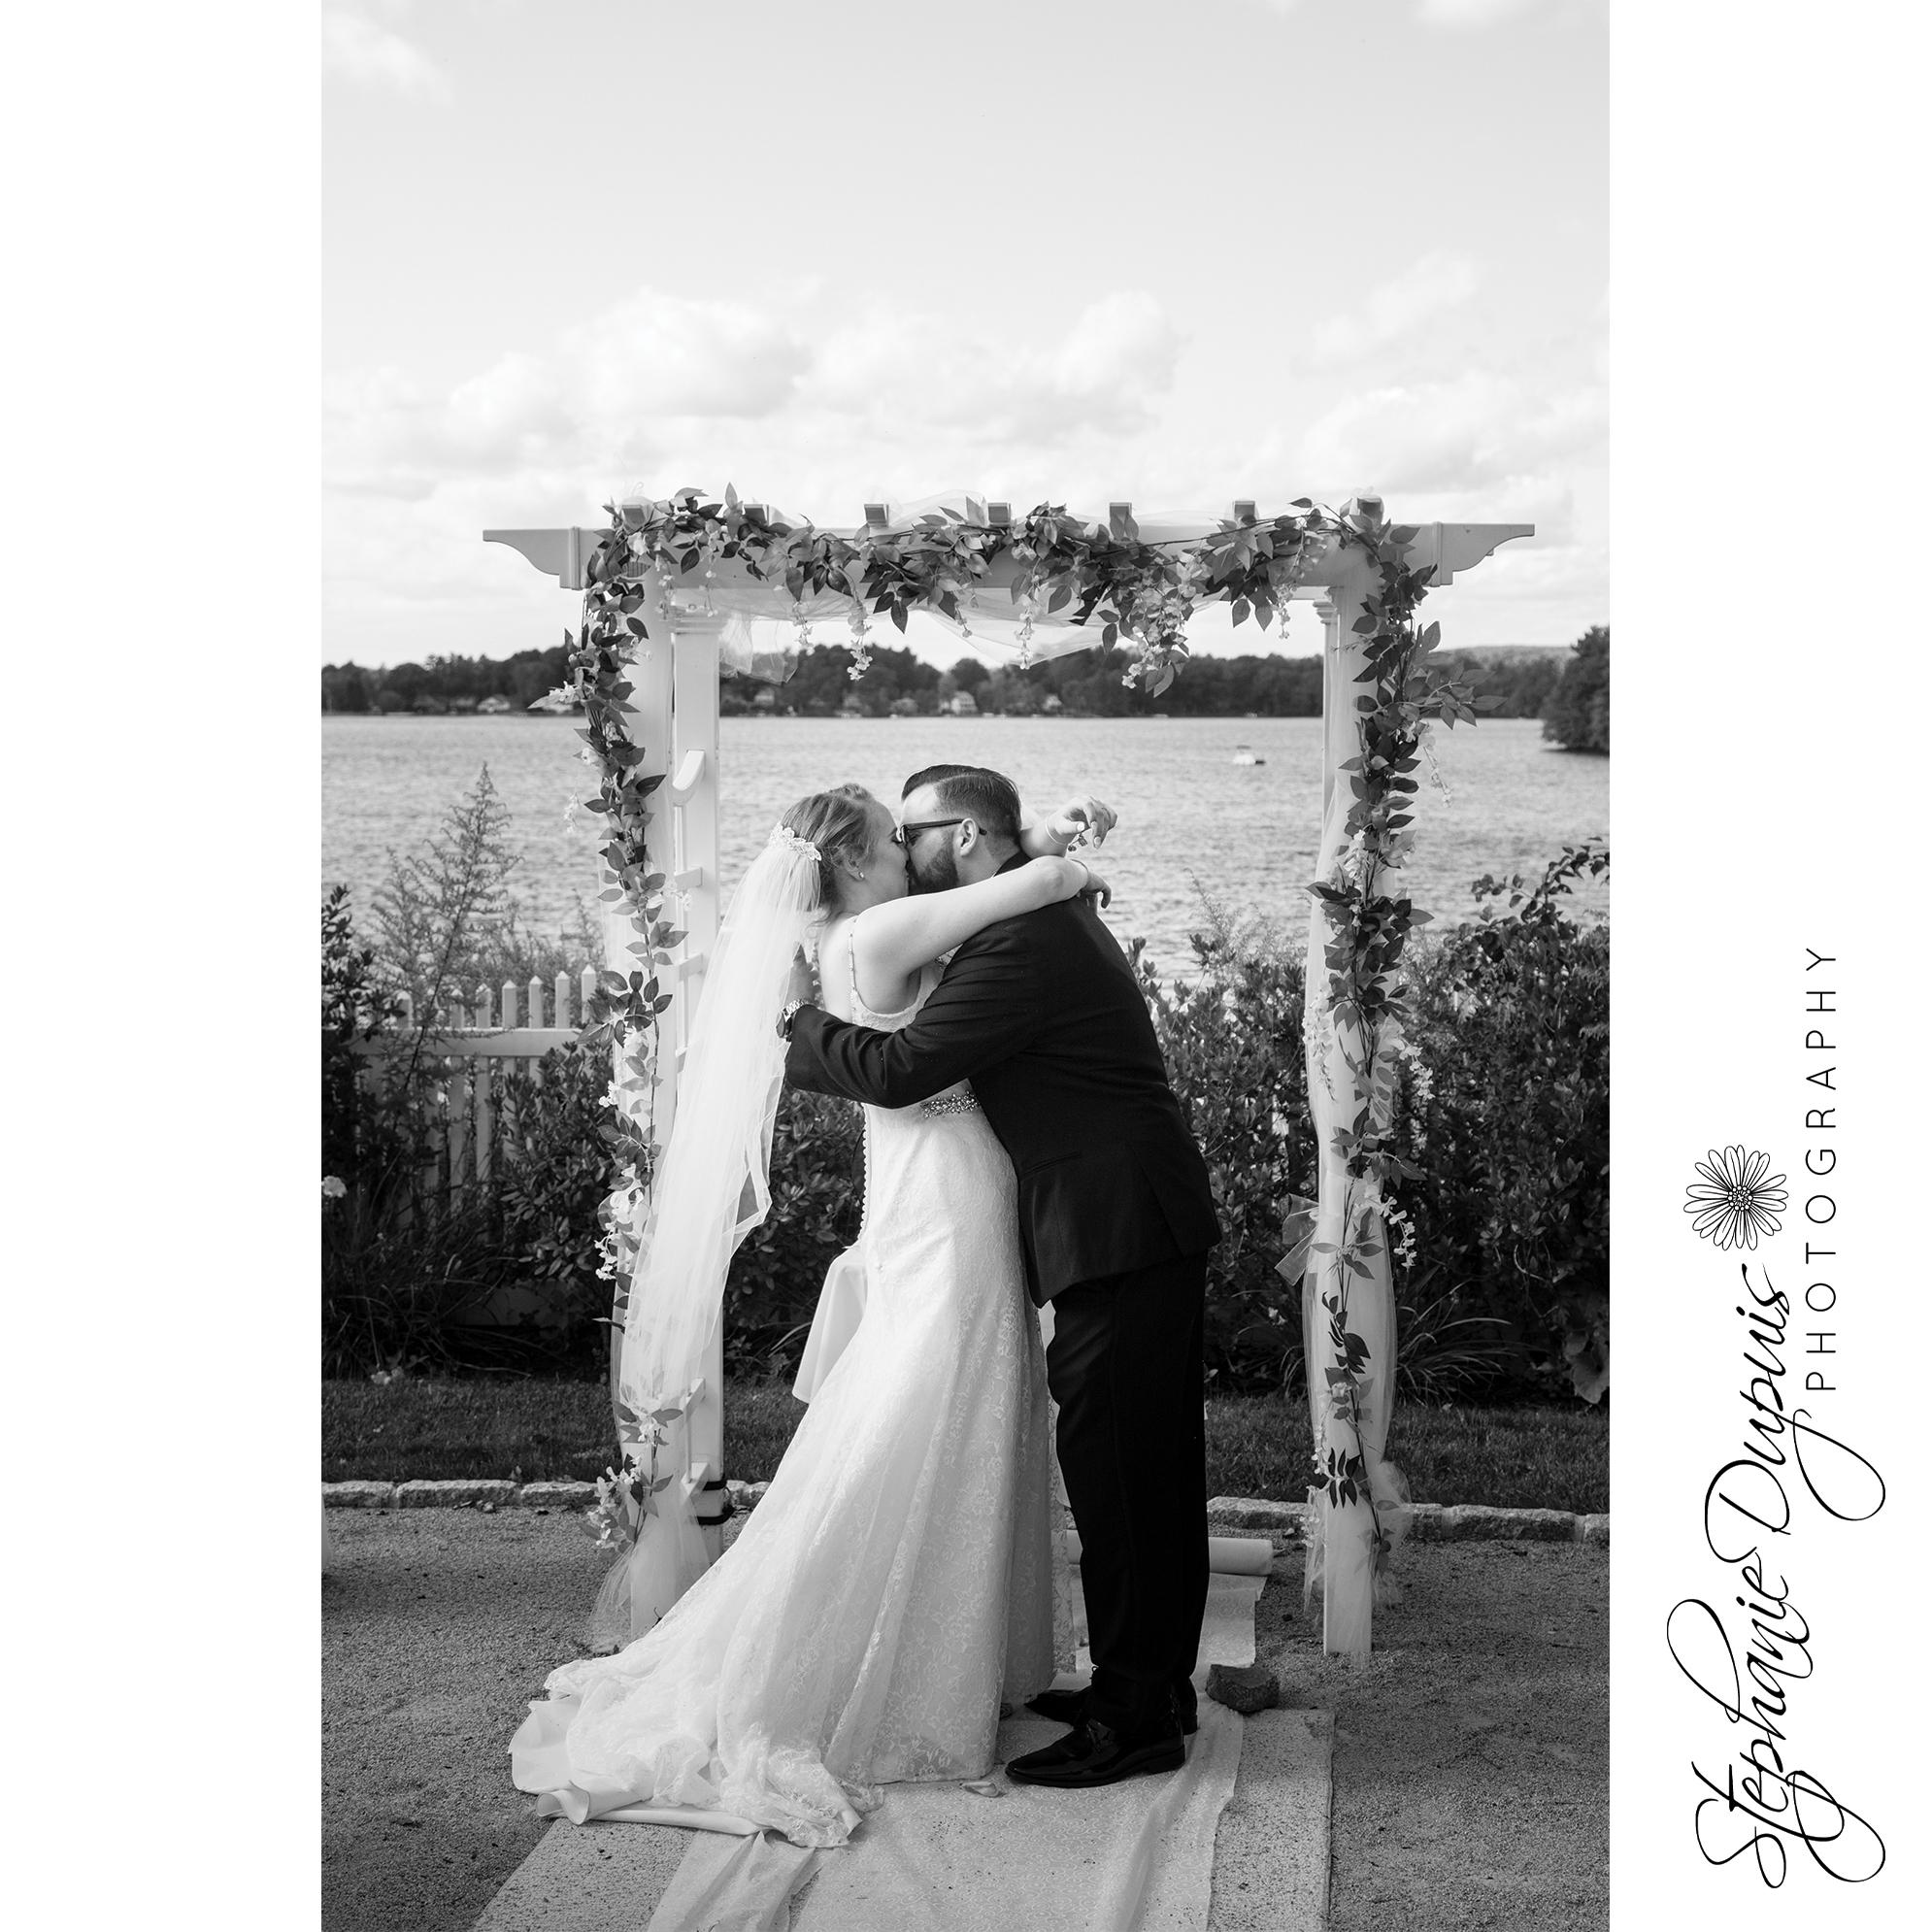 Gaffney 24 - Portfolio: Gaffney Wedding